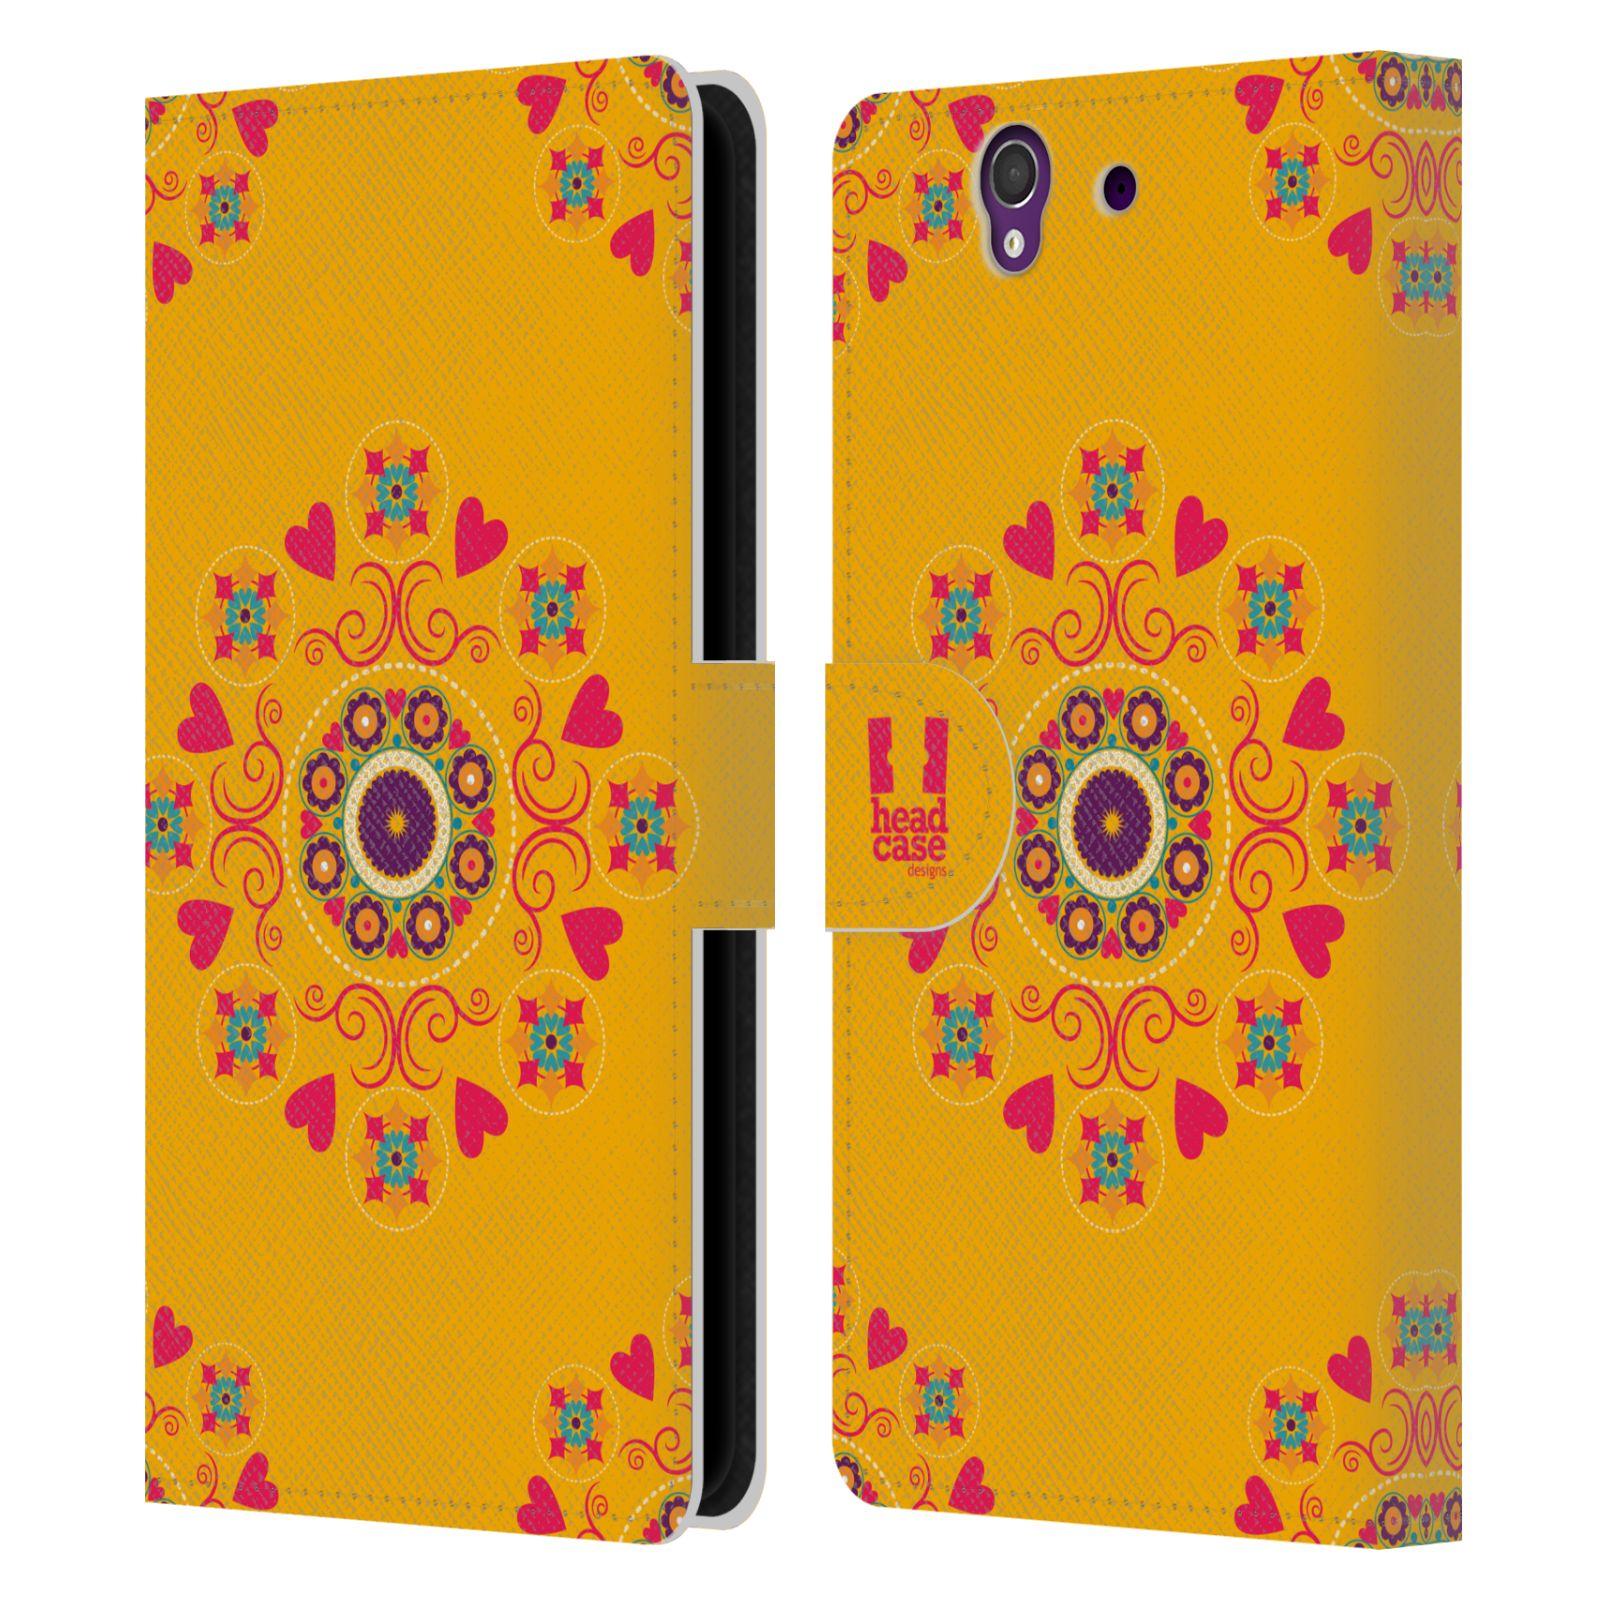 HEAD CASE Flipové pouzdro pro mobil SONY XPERIA Z (C6603) Slovanský vzor květiny a srdíčka žlutá